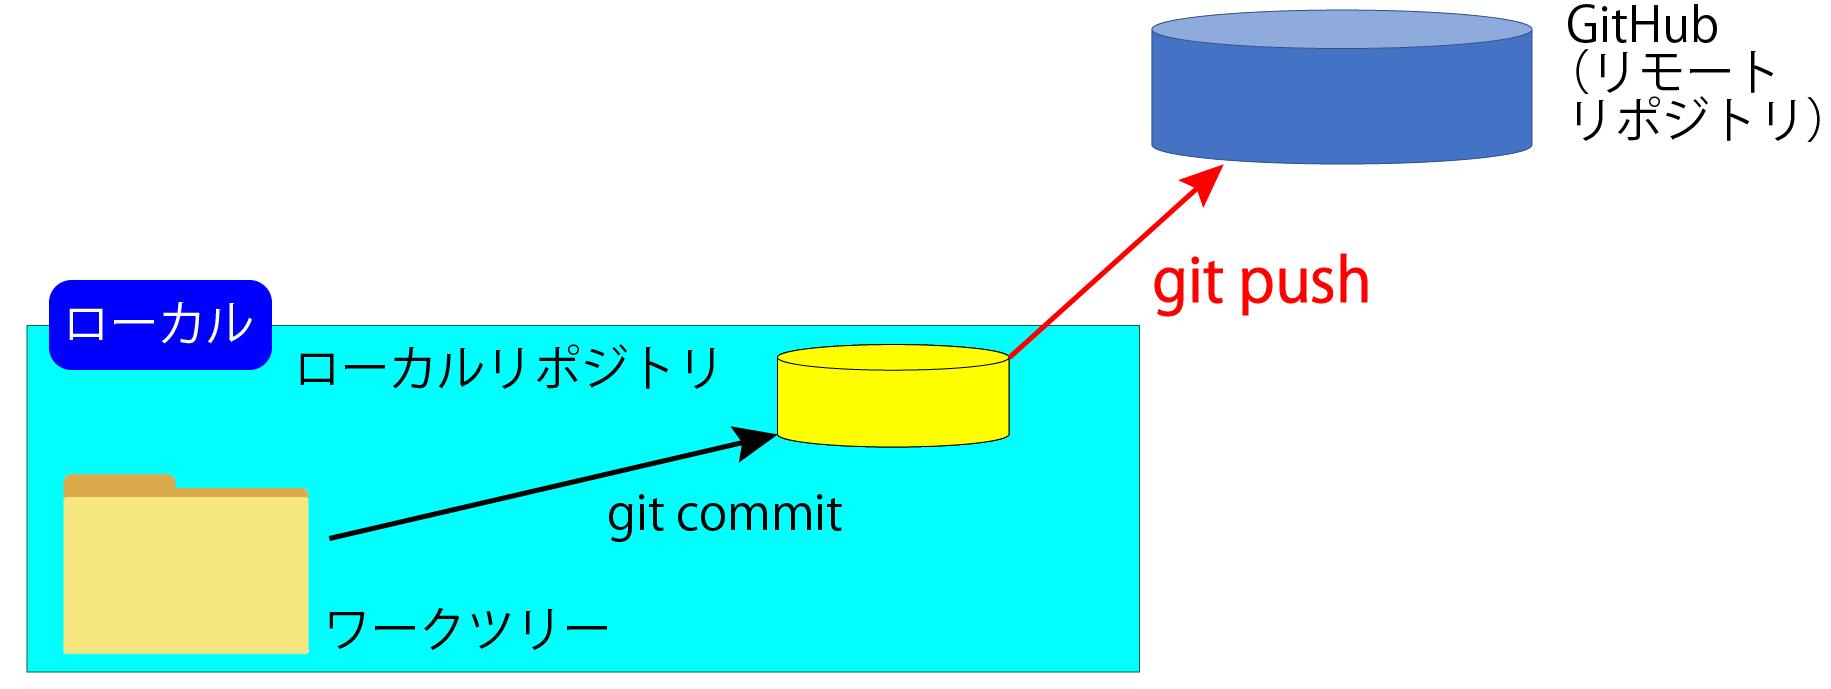 リモートリポジトリ(GitHub)へ送信する